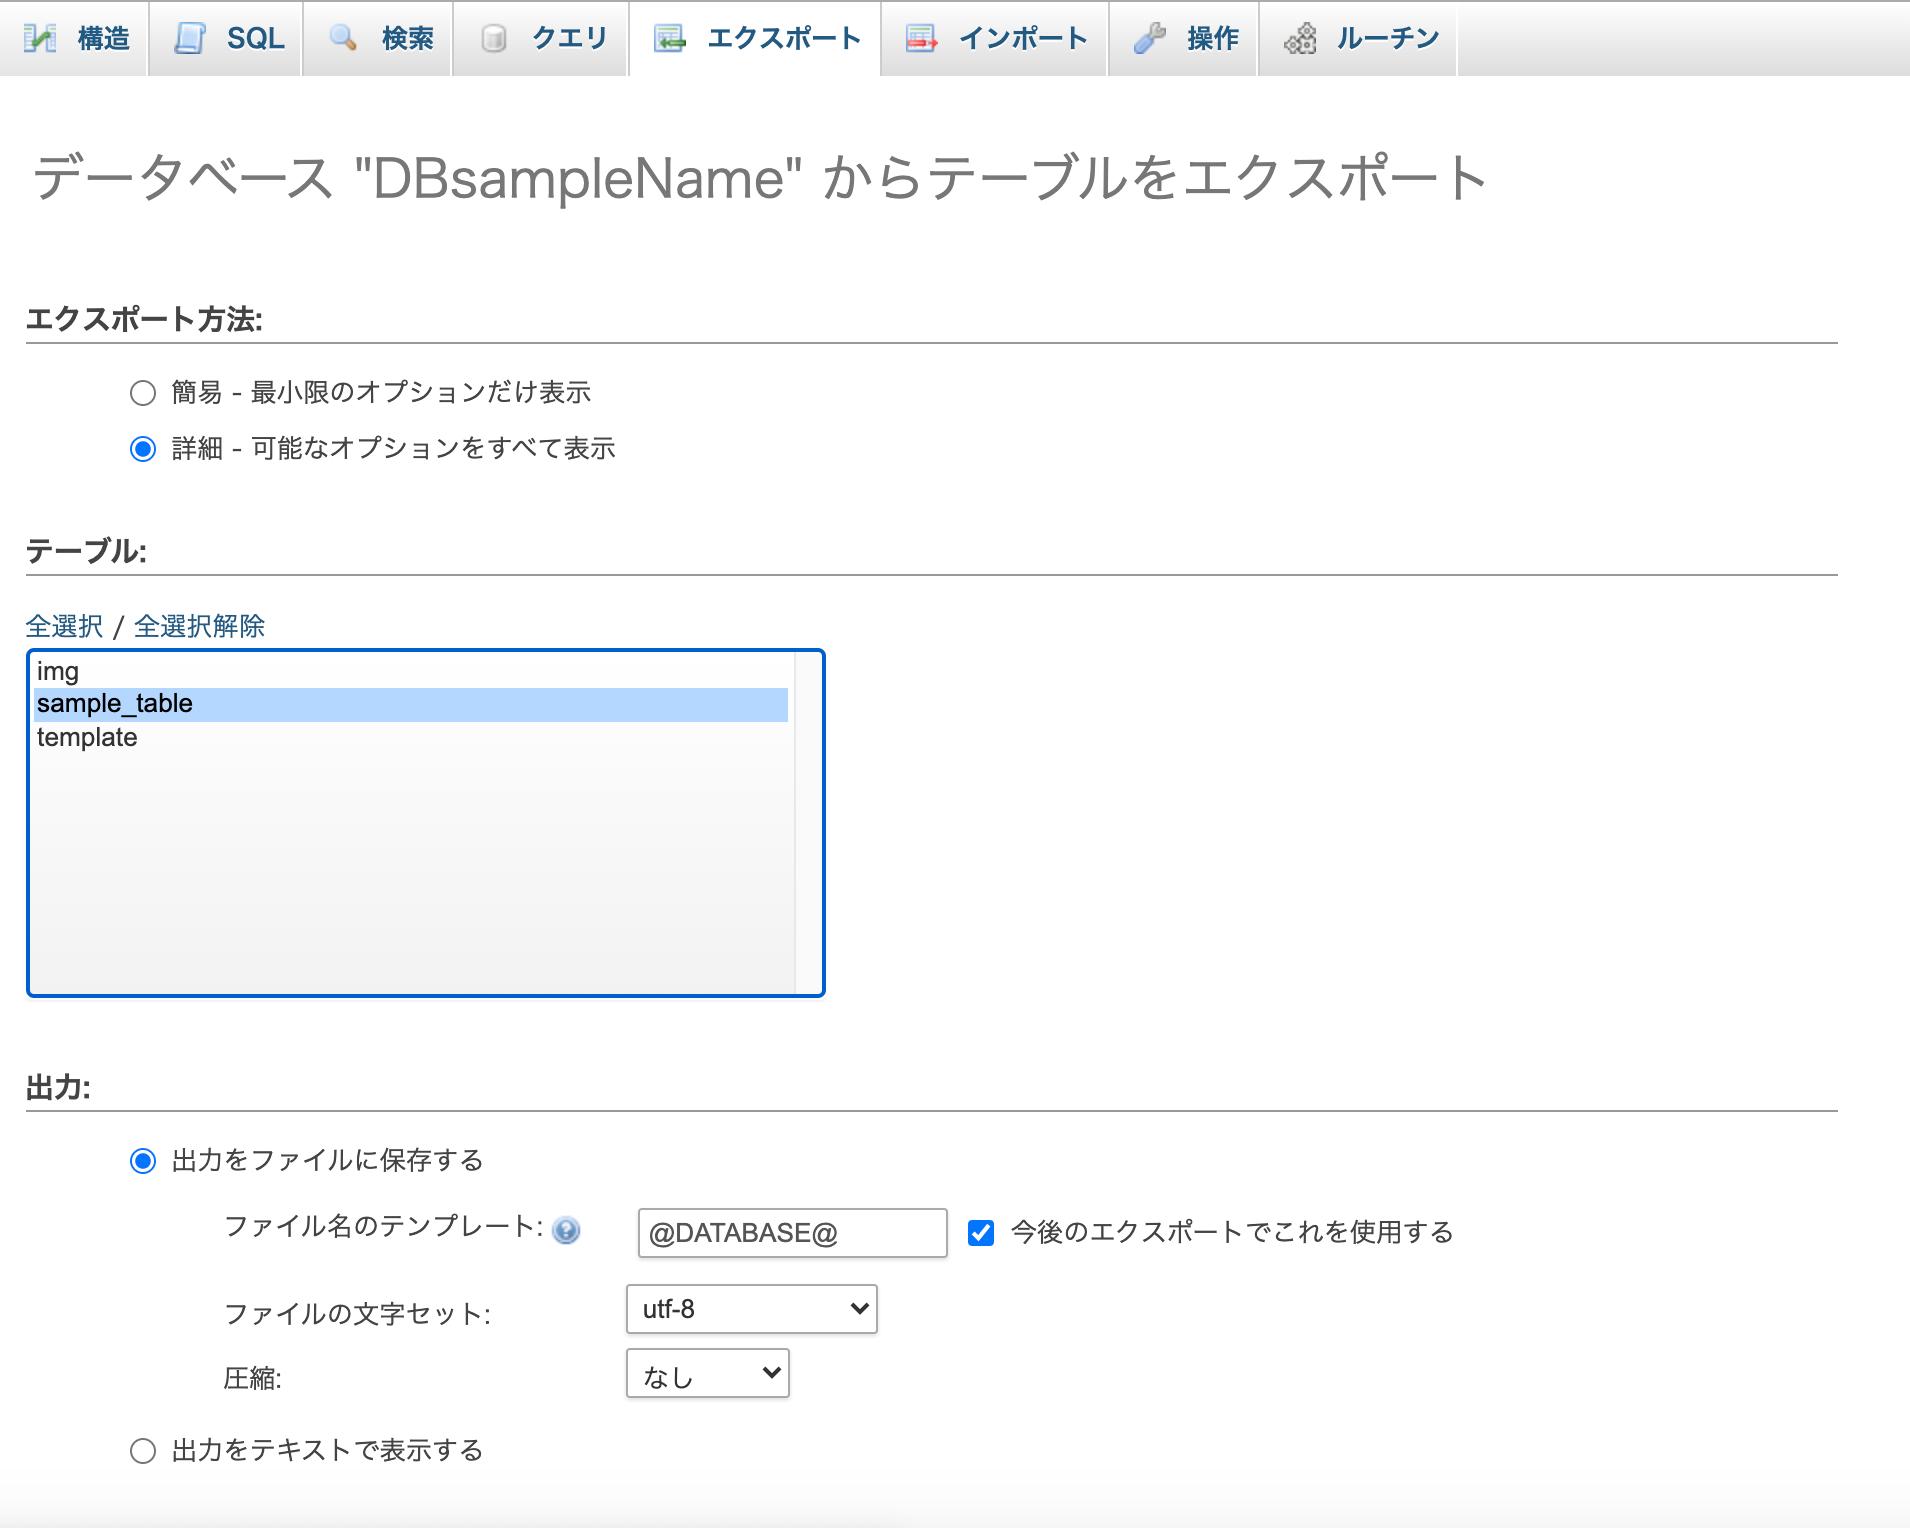 スクリーンショット 2020-06-03 11.43.42.png